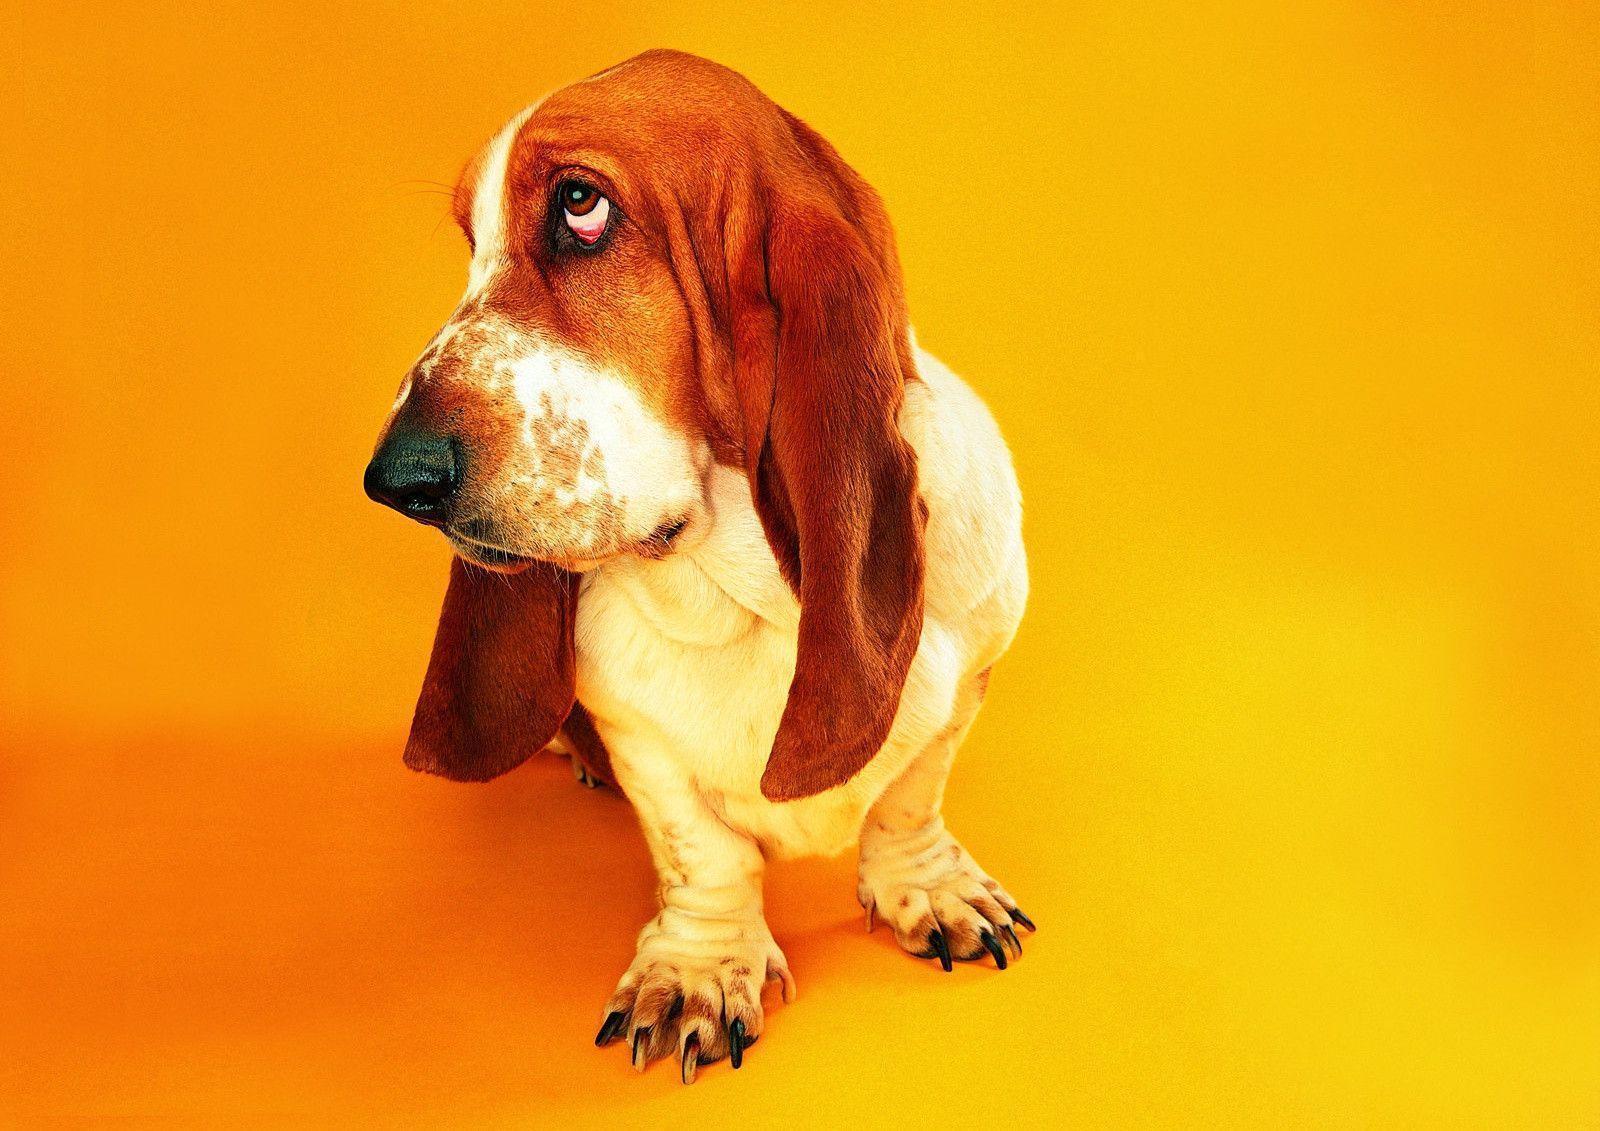 basset hound puppies wallpaper - photo #12